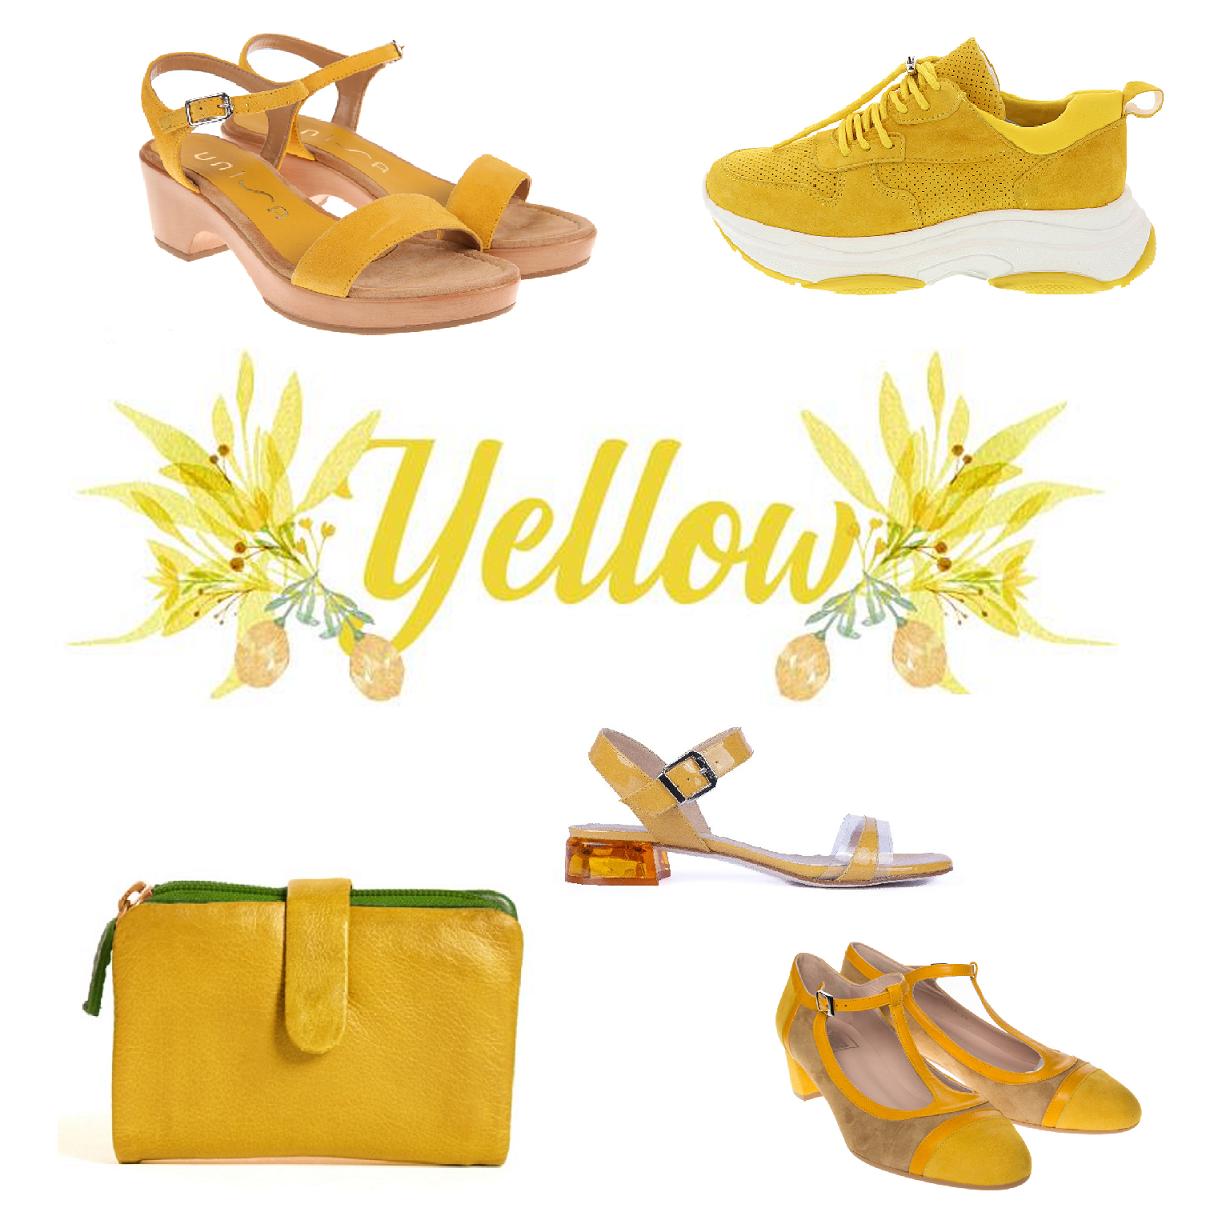 De mode kleur: geel